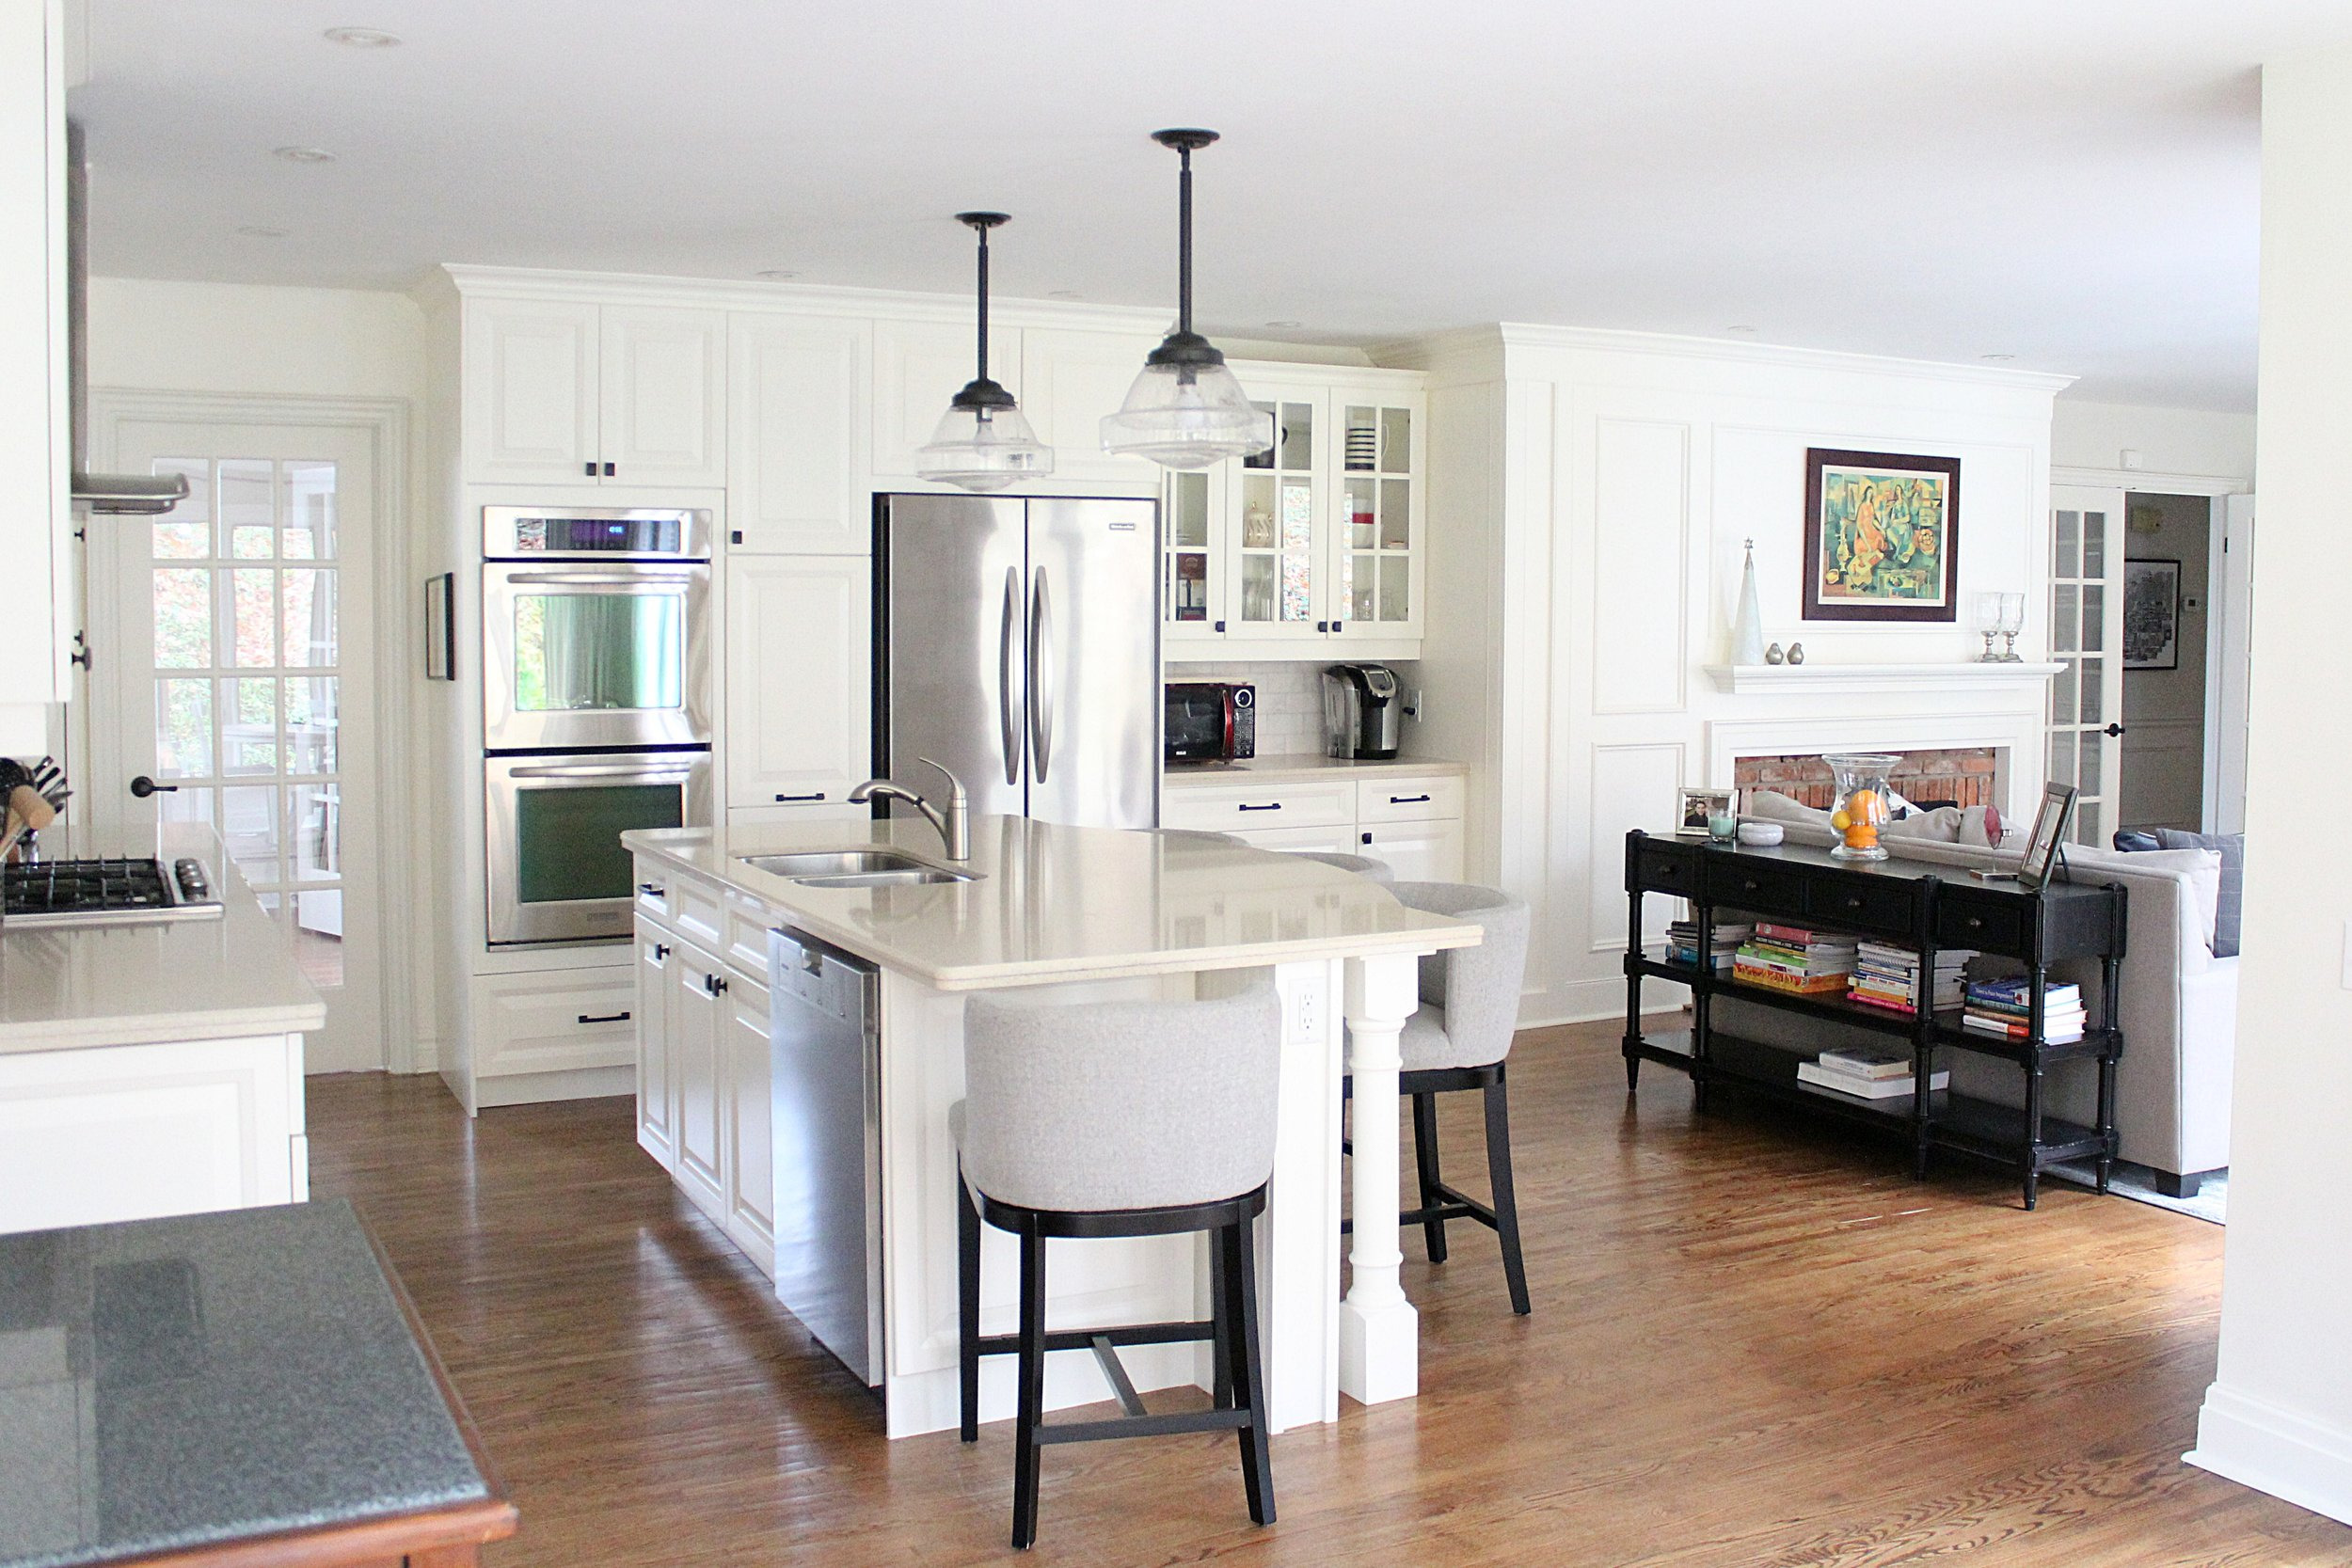 kmsd escarpment home kitchen 2